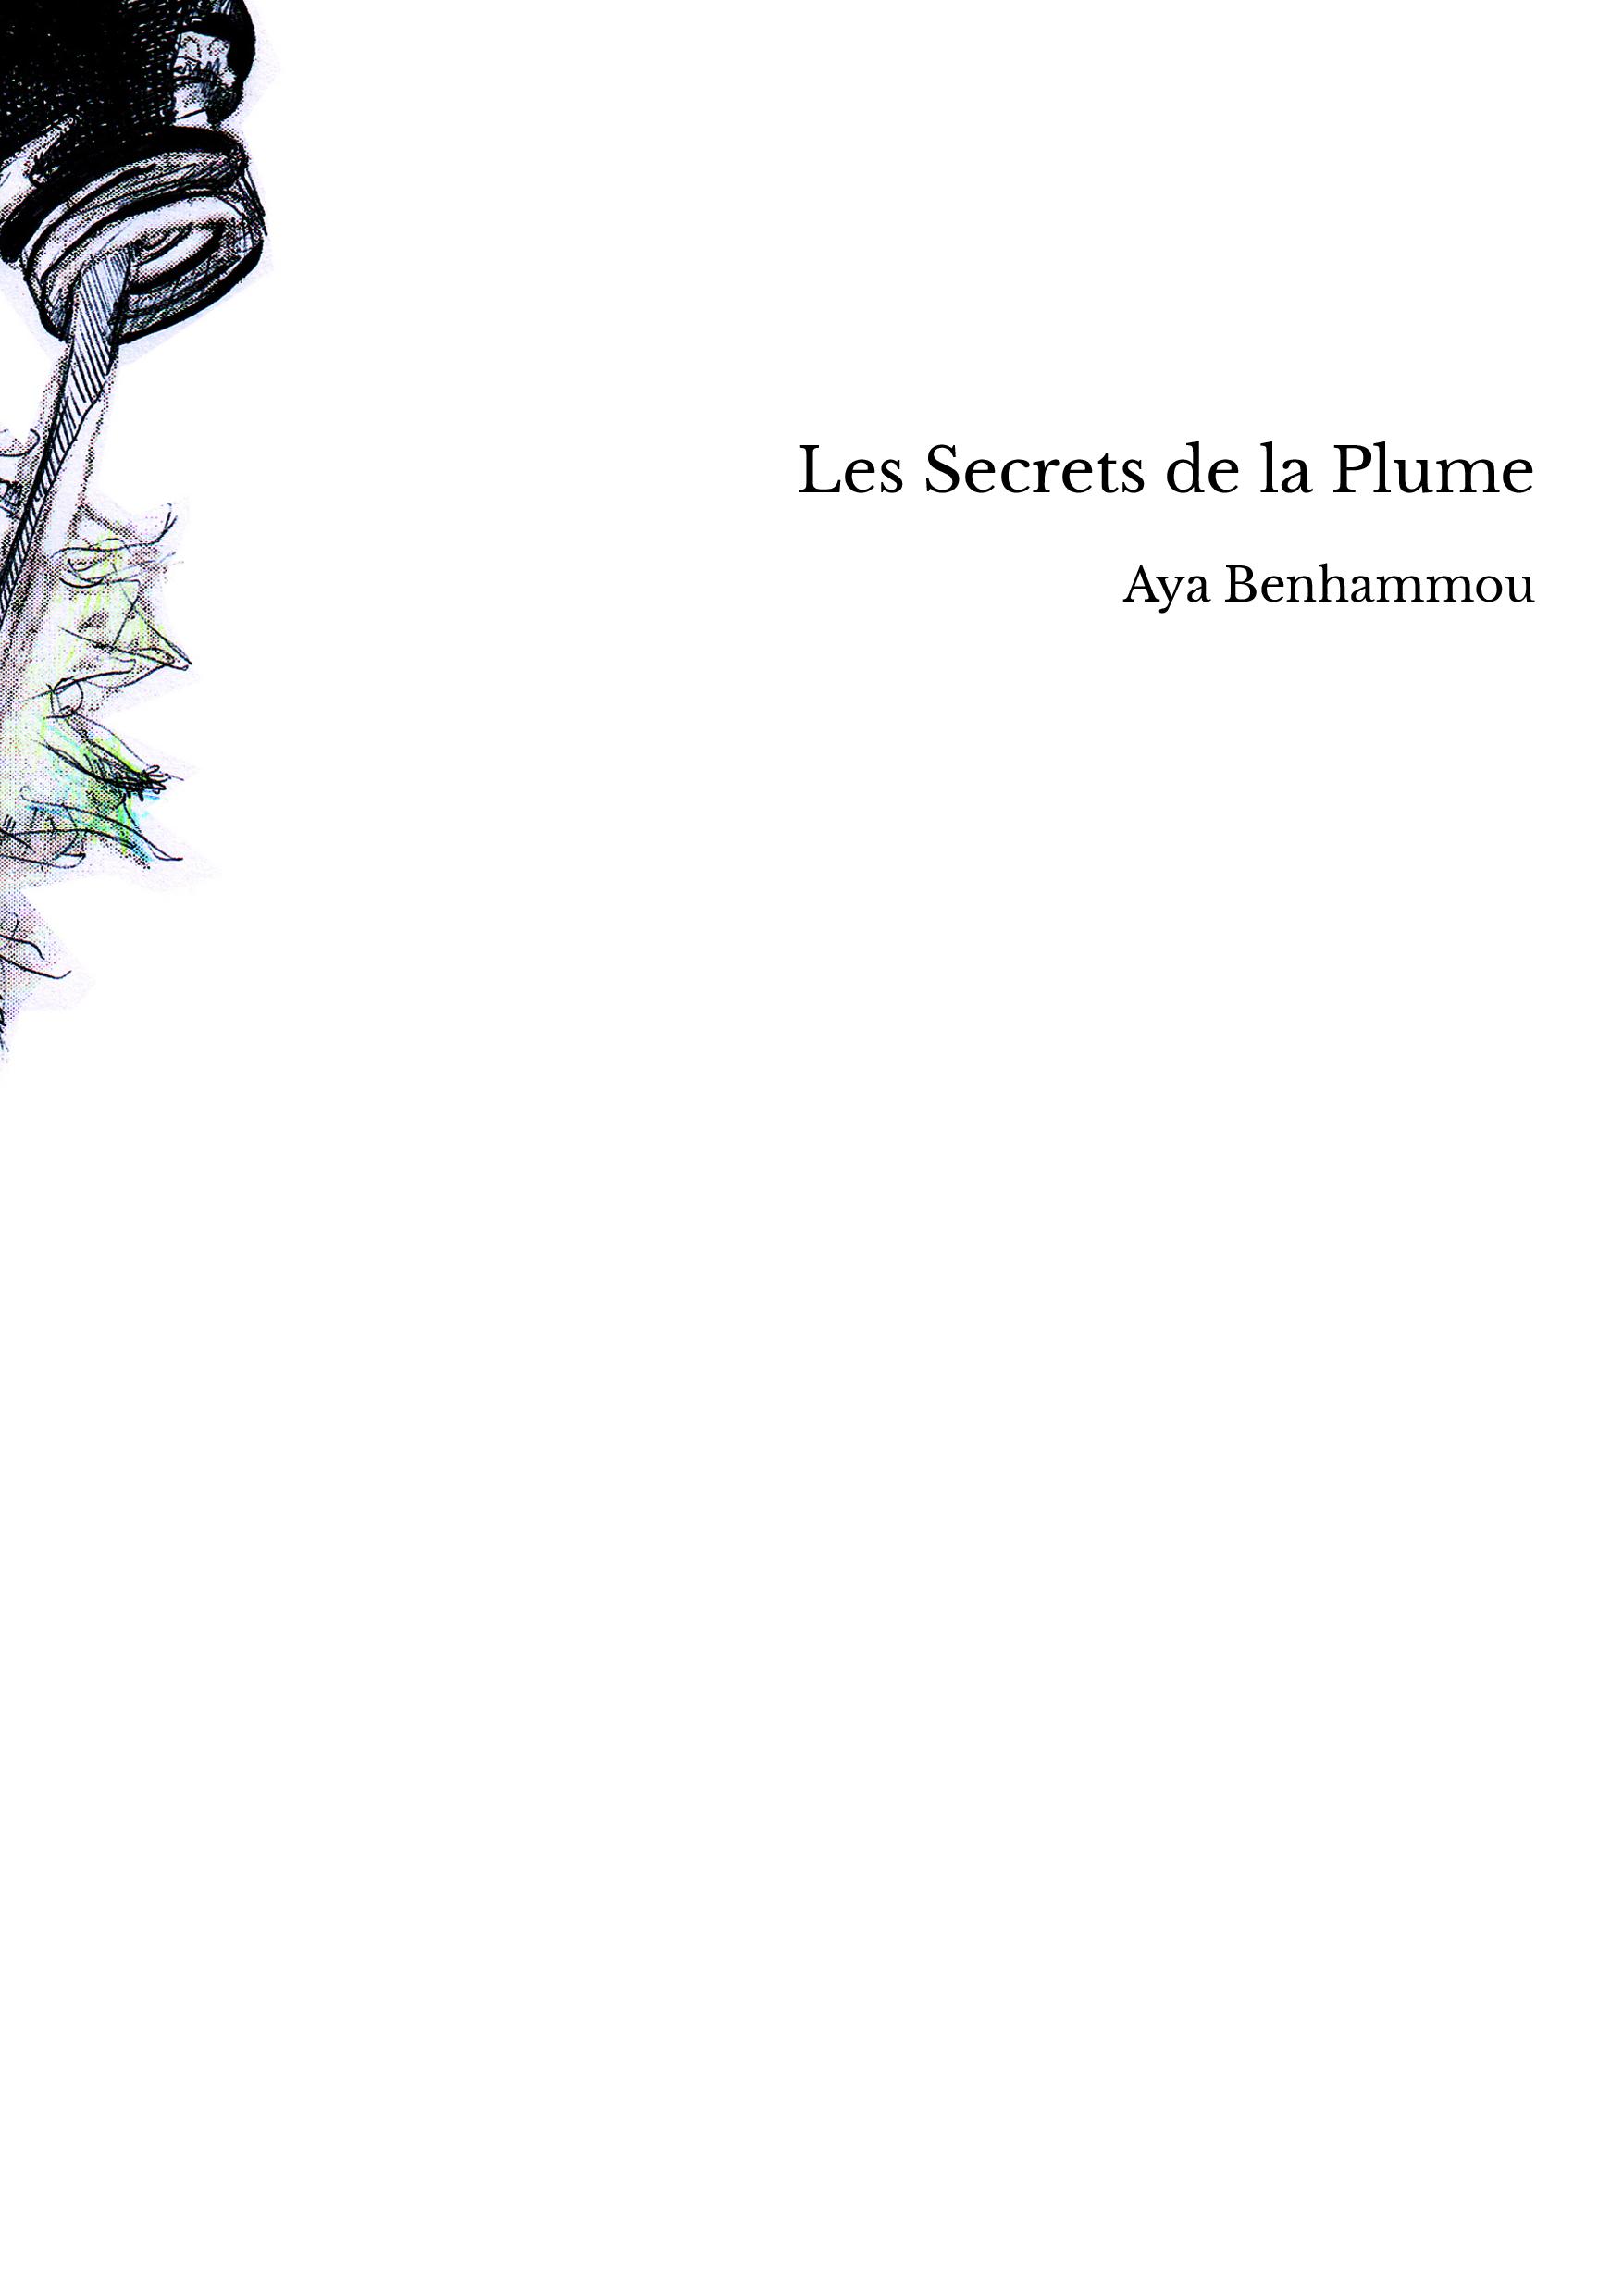 Les Secrets de la Plume